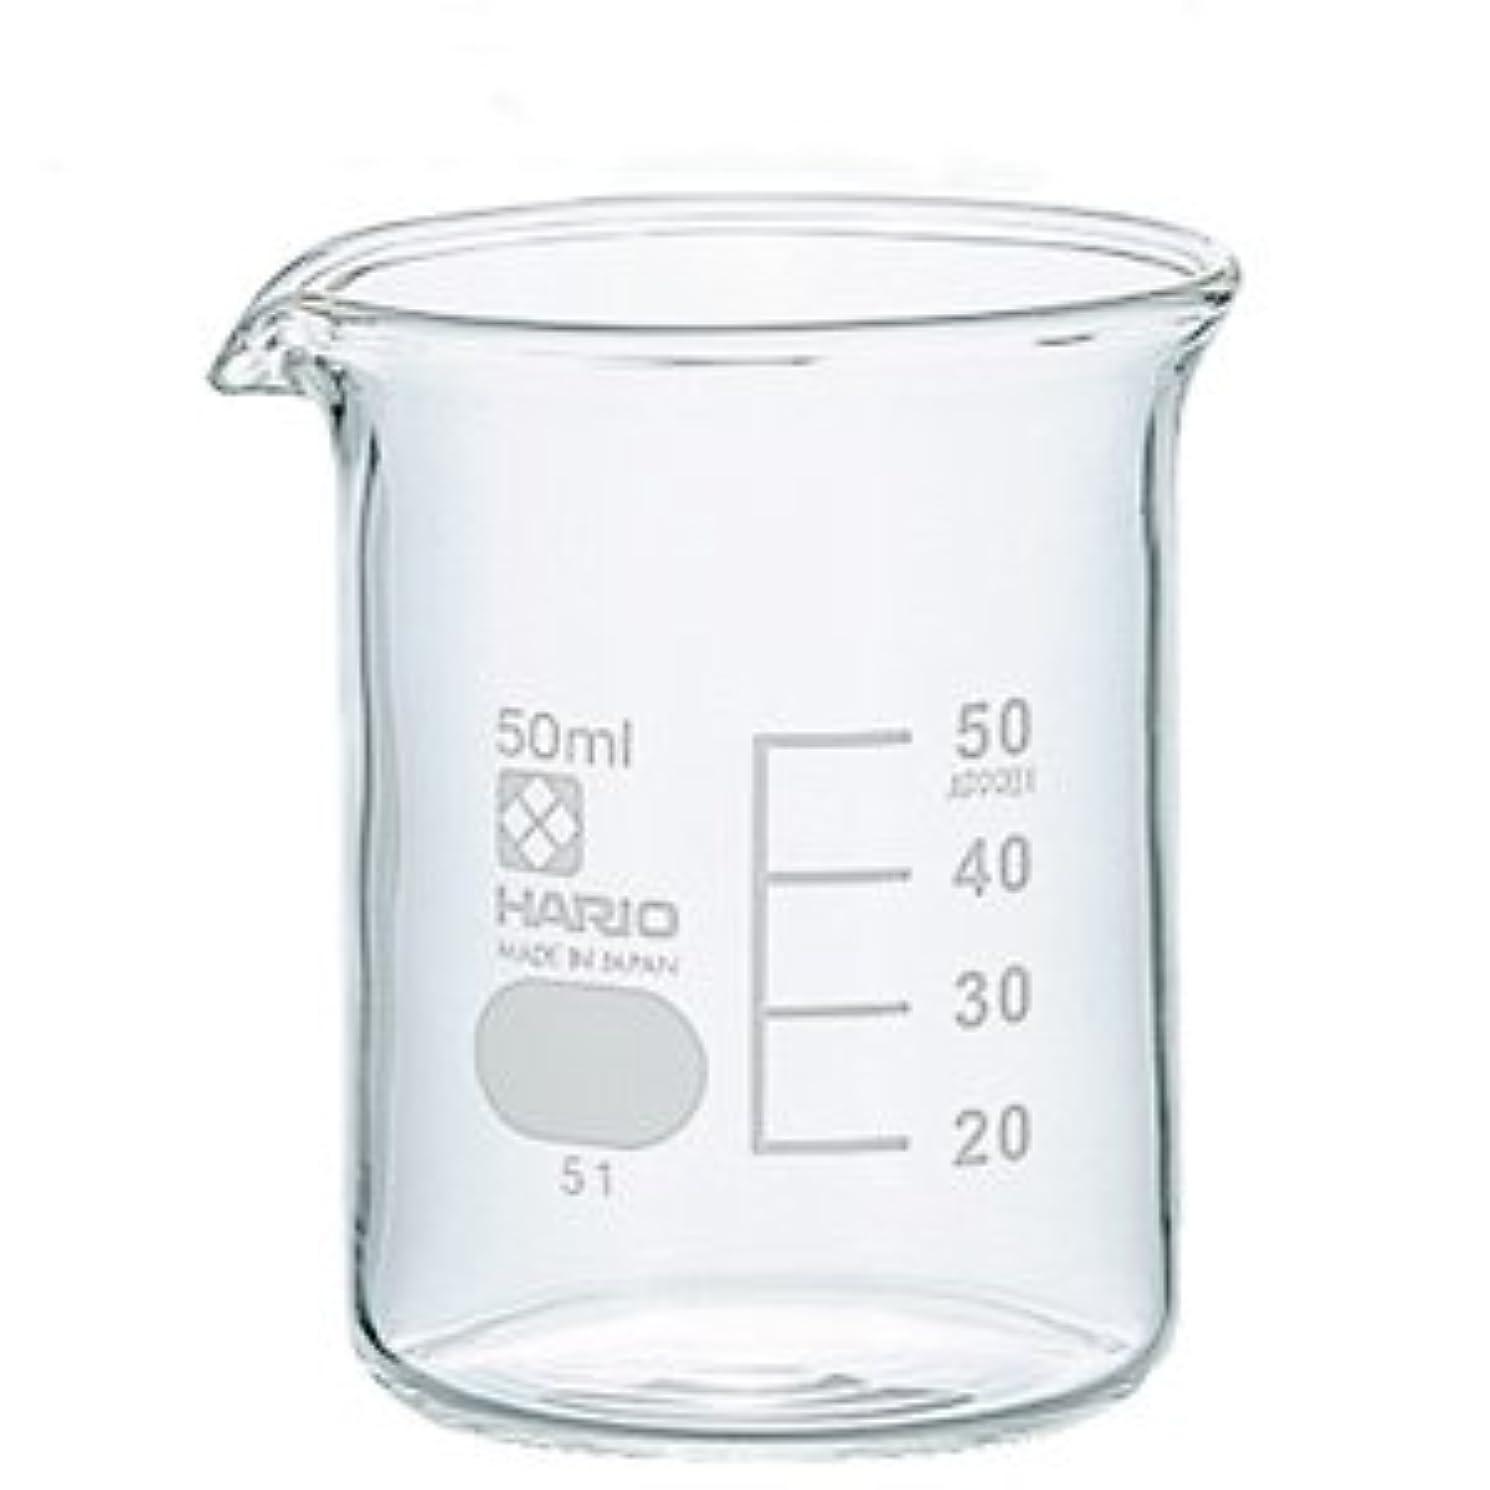 プレゼンターポーク小麦ガラスビーカー 50ml 【手作り石鹸/手作りコスメ/手作り化粧品】